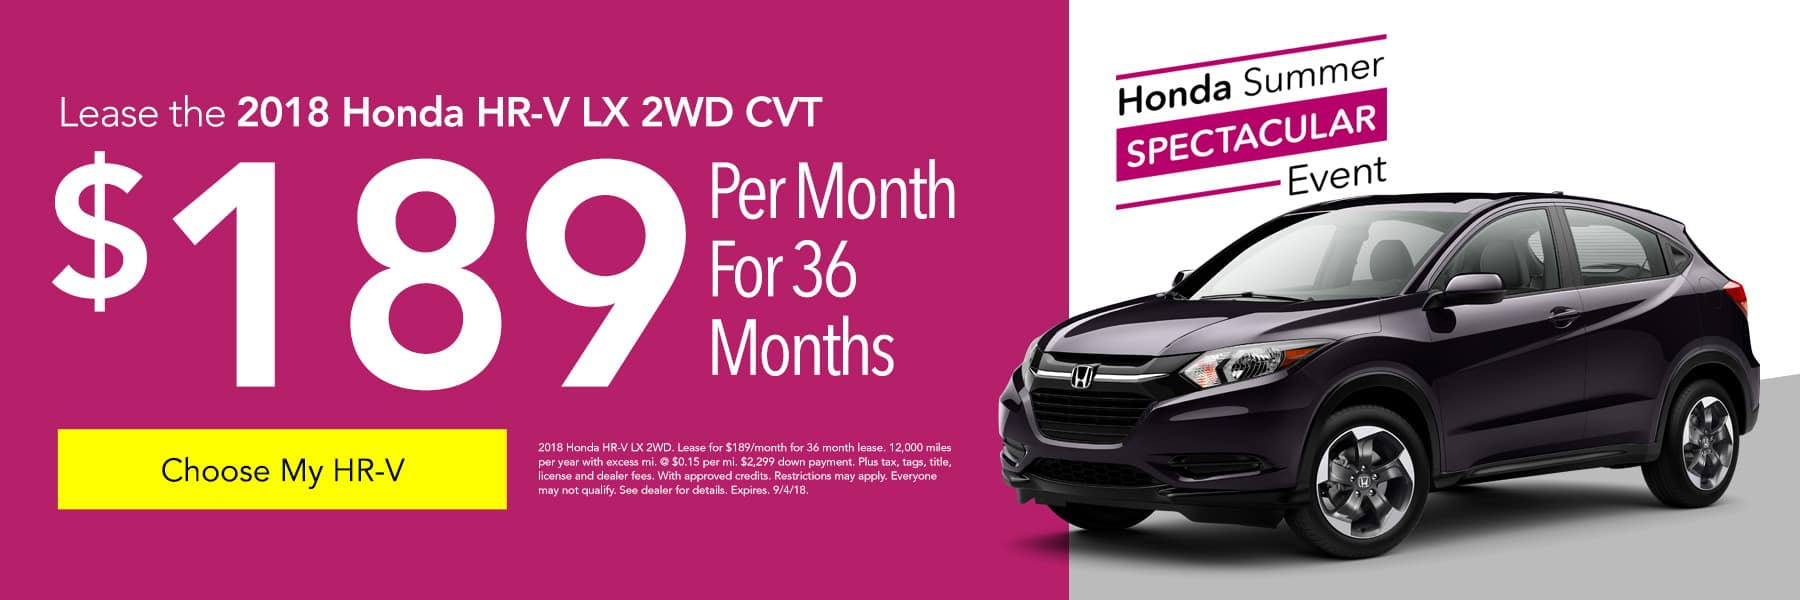 Lease the 2018 Honda HR-V LX 2WD CVT for $189/month for 36 months - Choose My HR-V